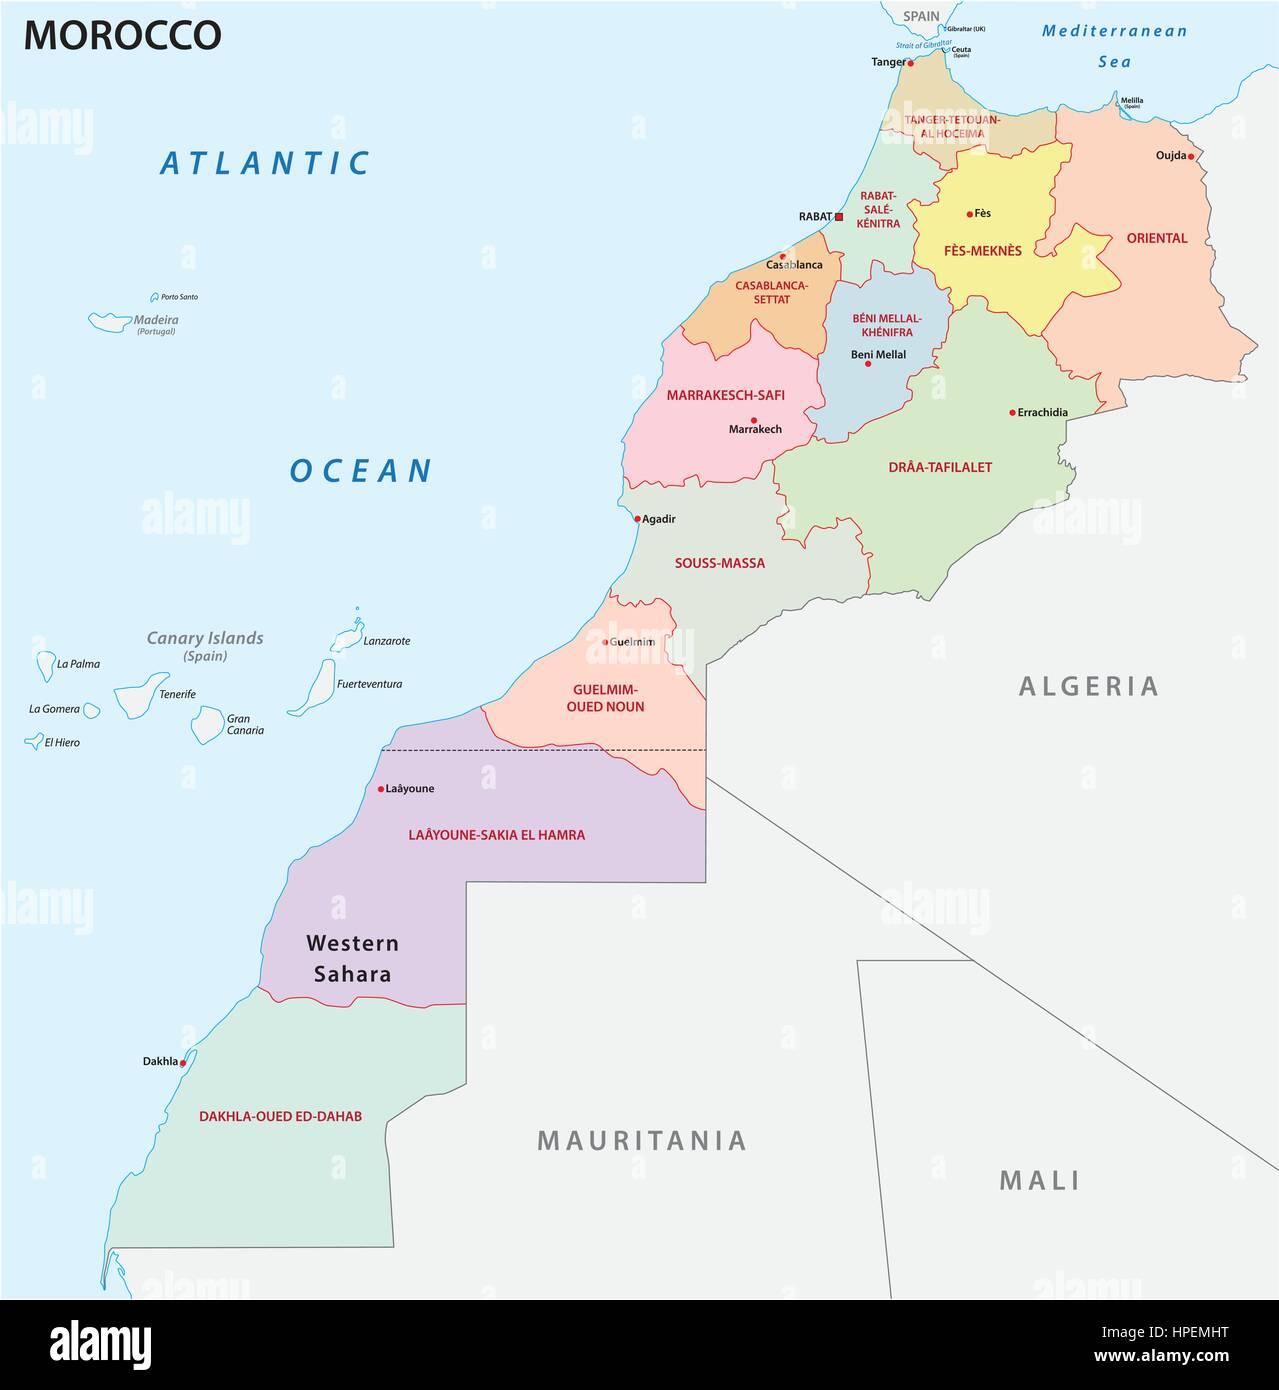 Cartina Geografica Fisica Del Marocco.Mappa Di Marocco